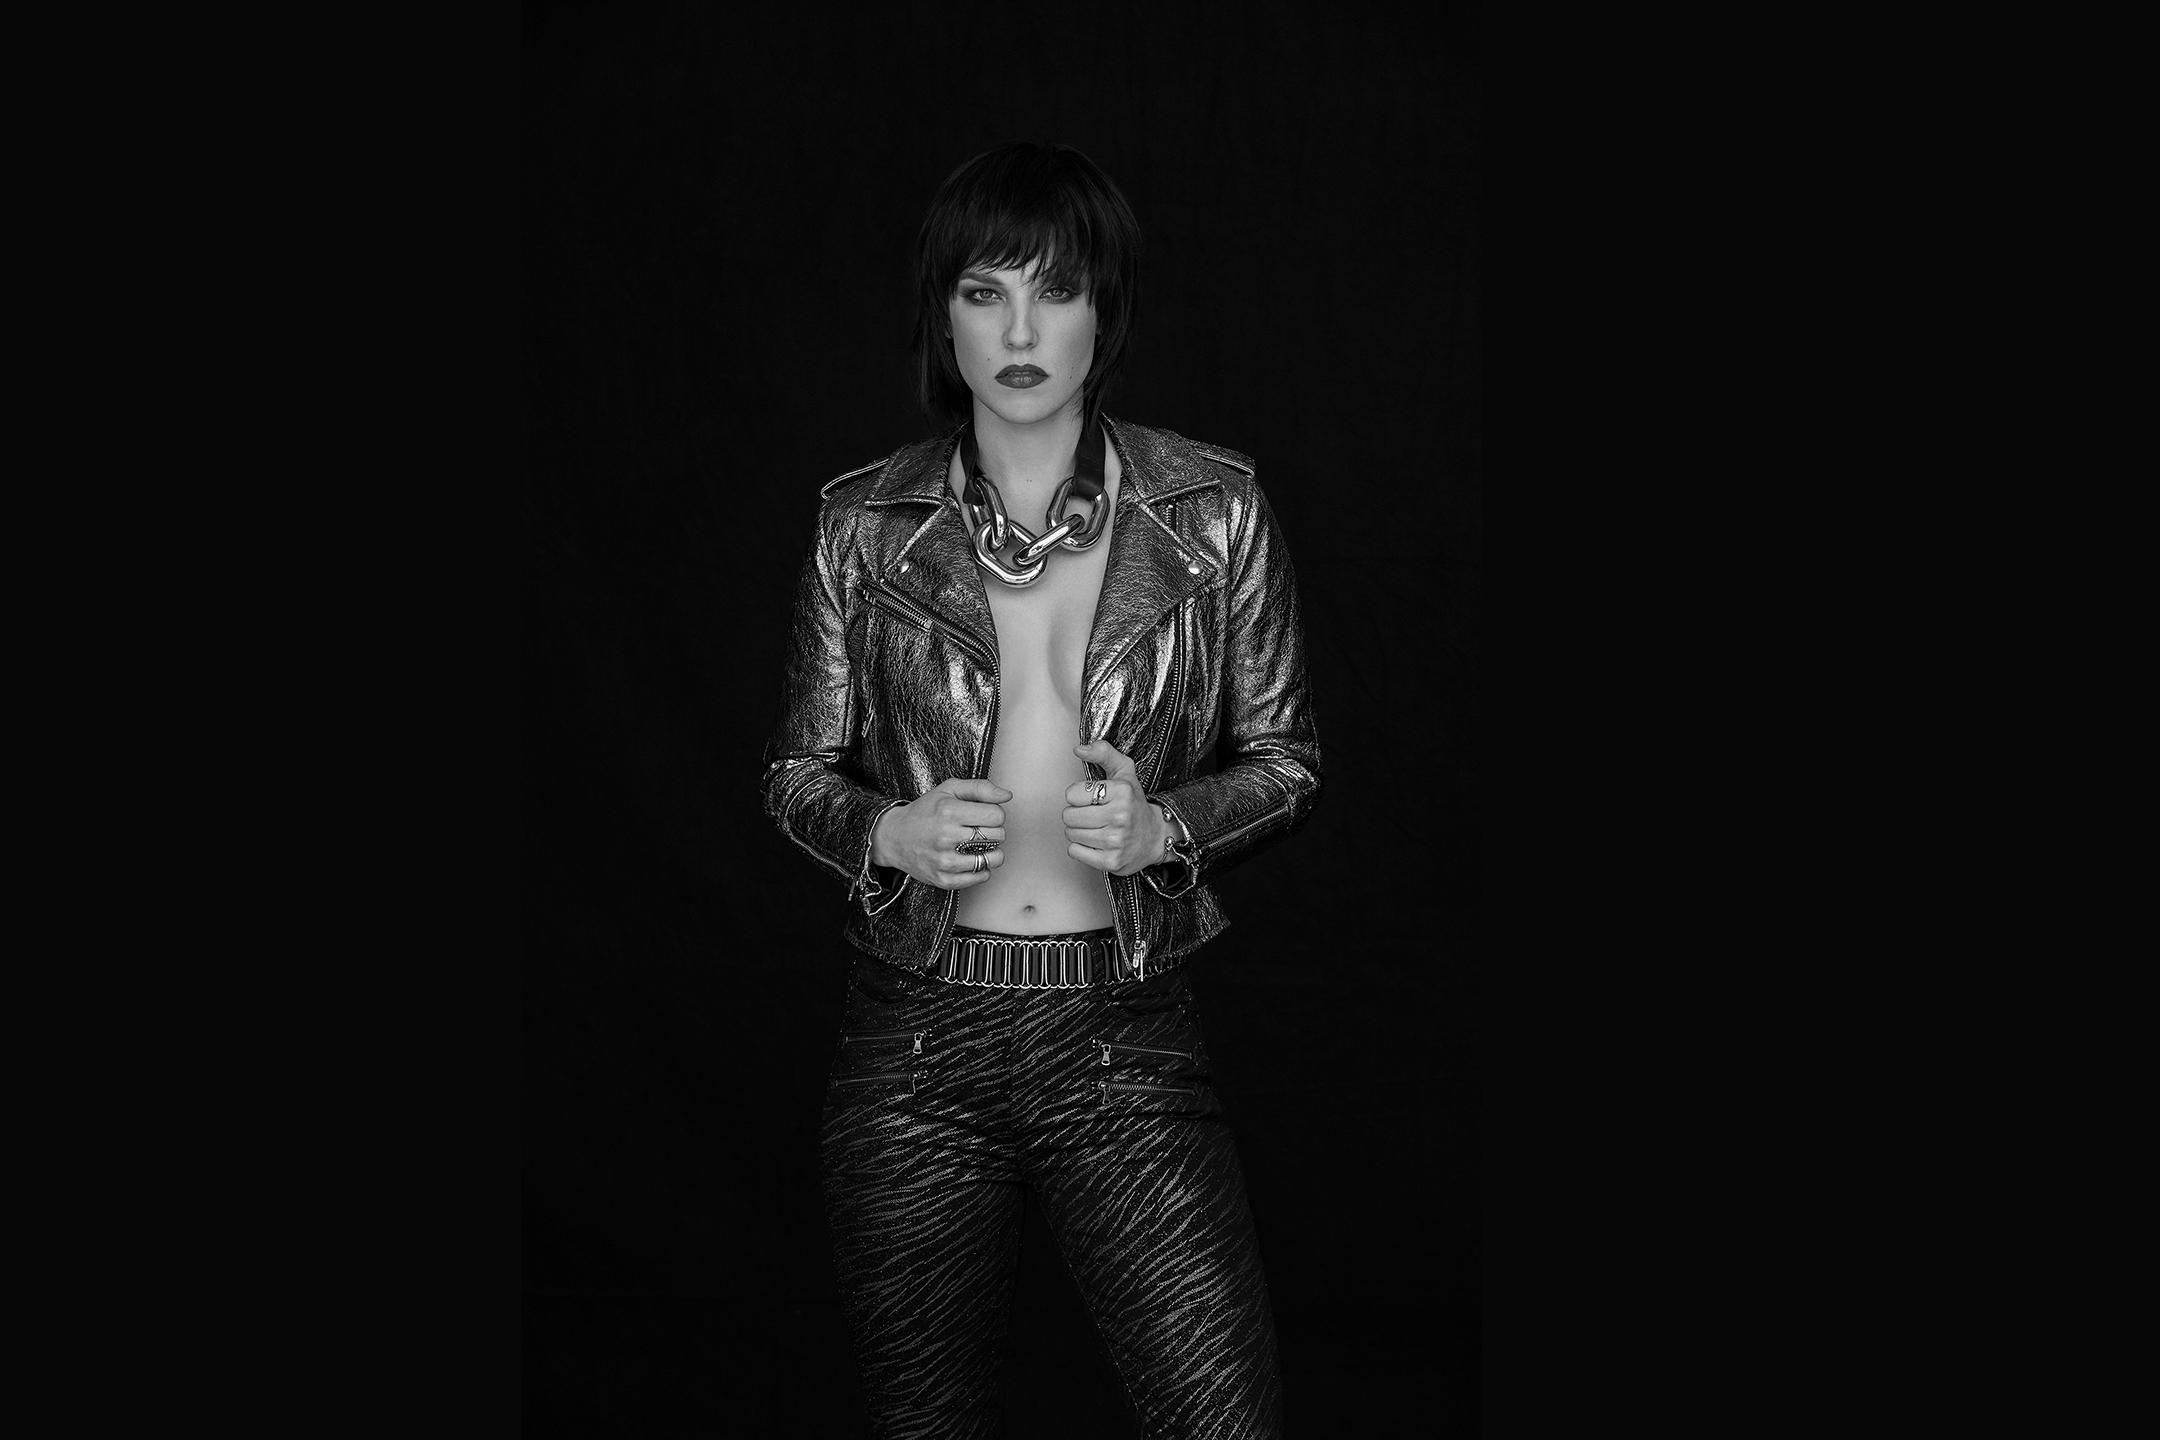 Halestorm's Lzzy Hale Talks Grammy Nod, Why She's a Fan of Greta Van Fleet